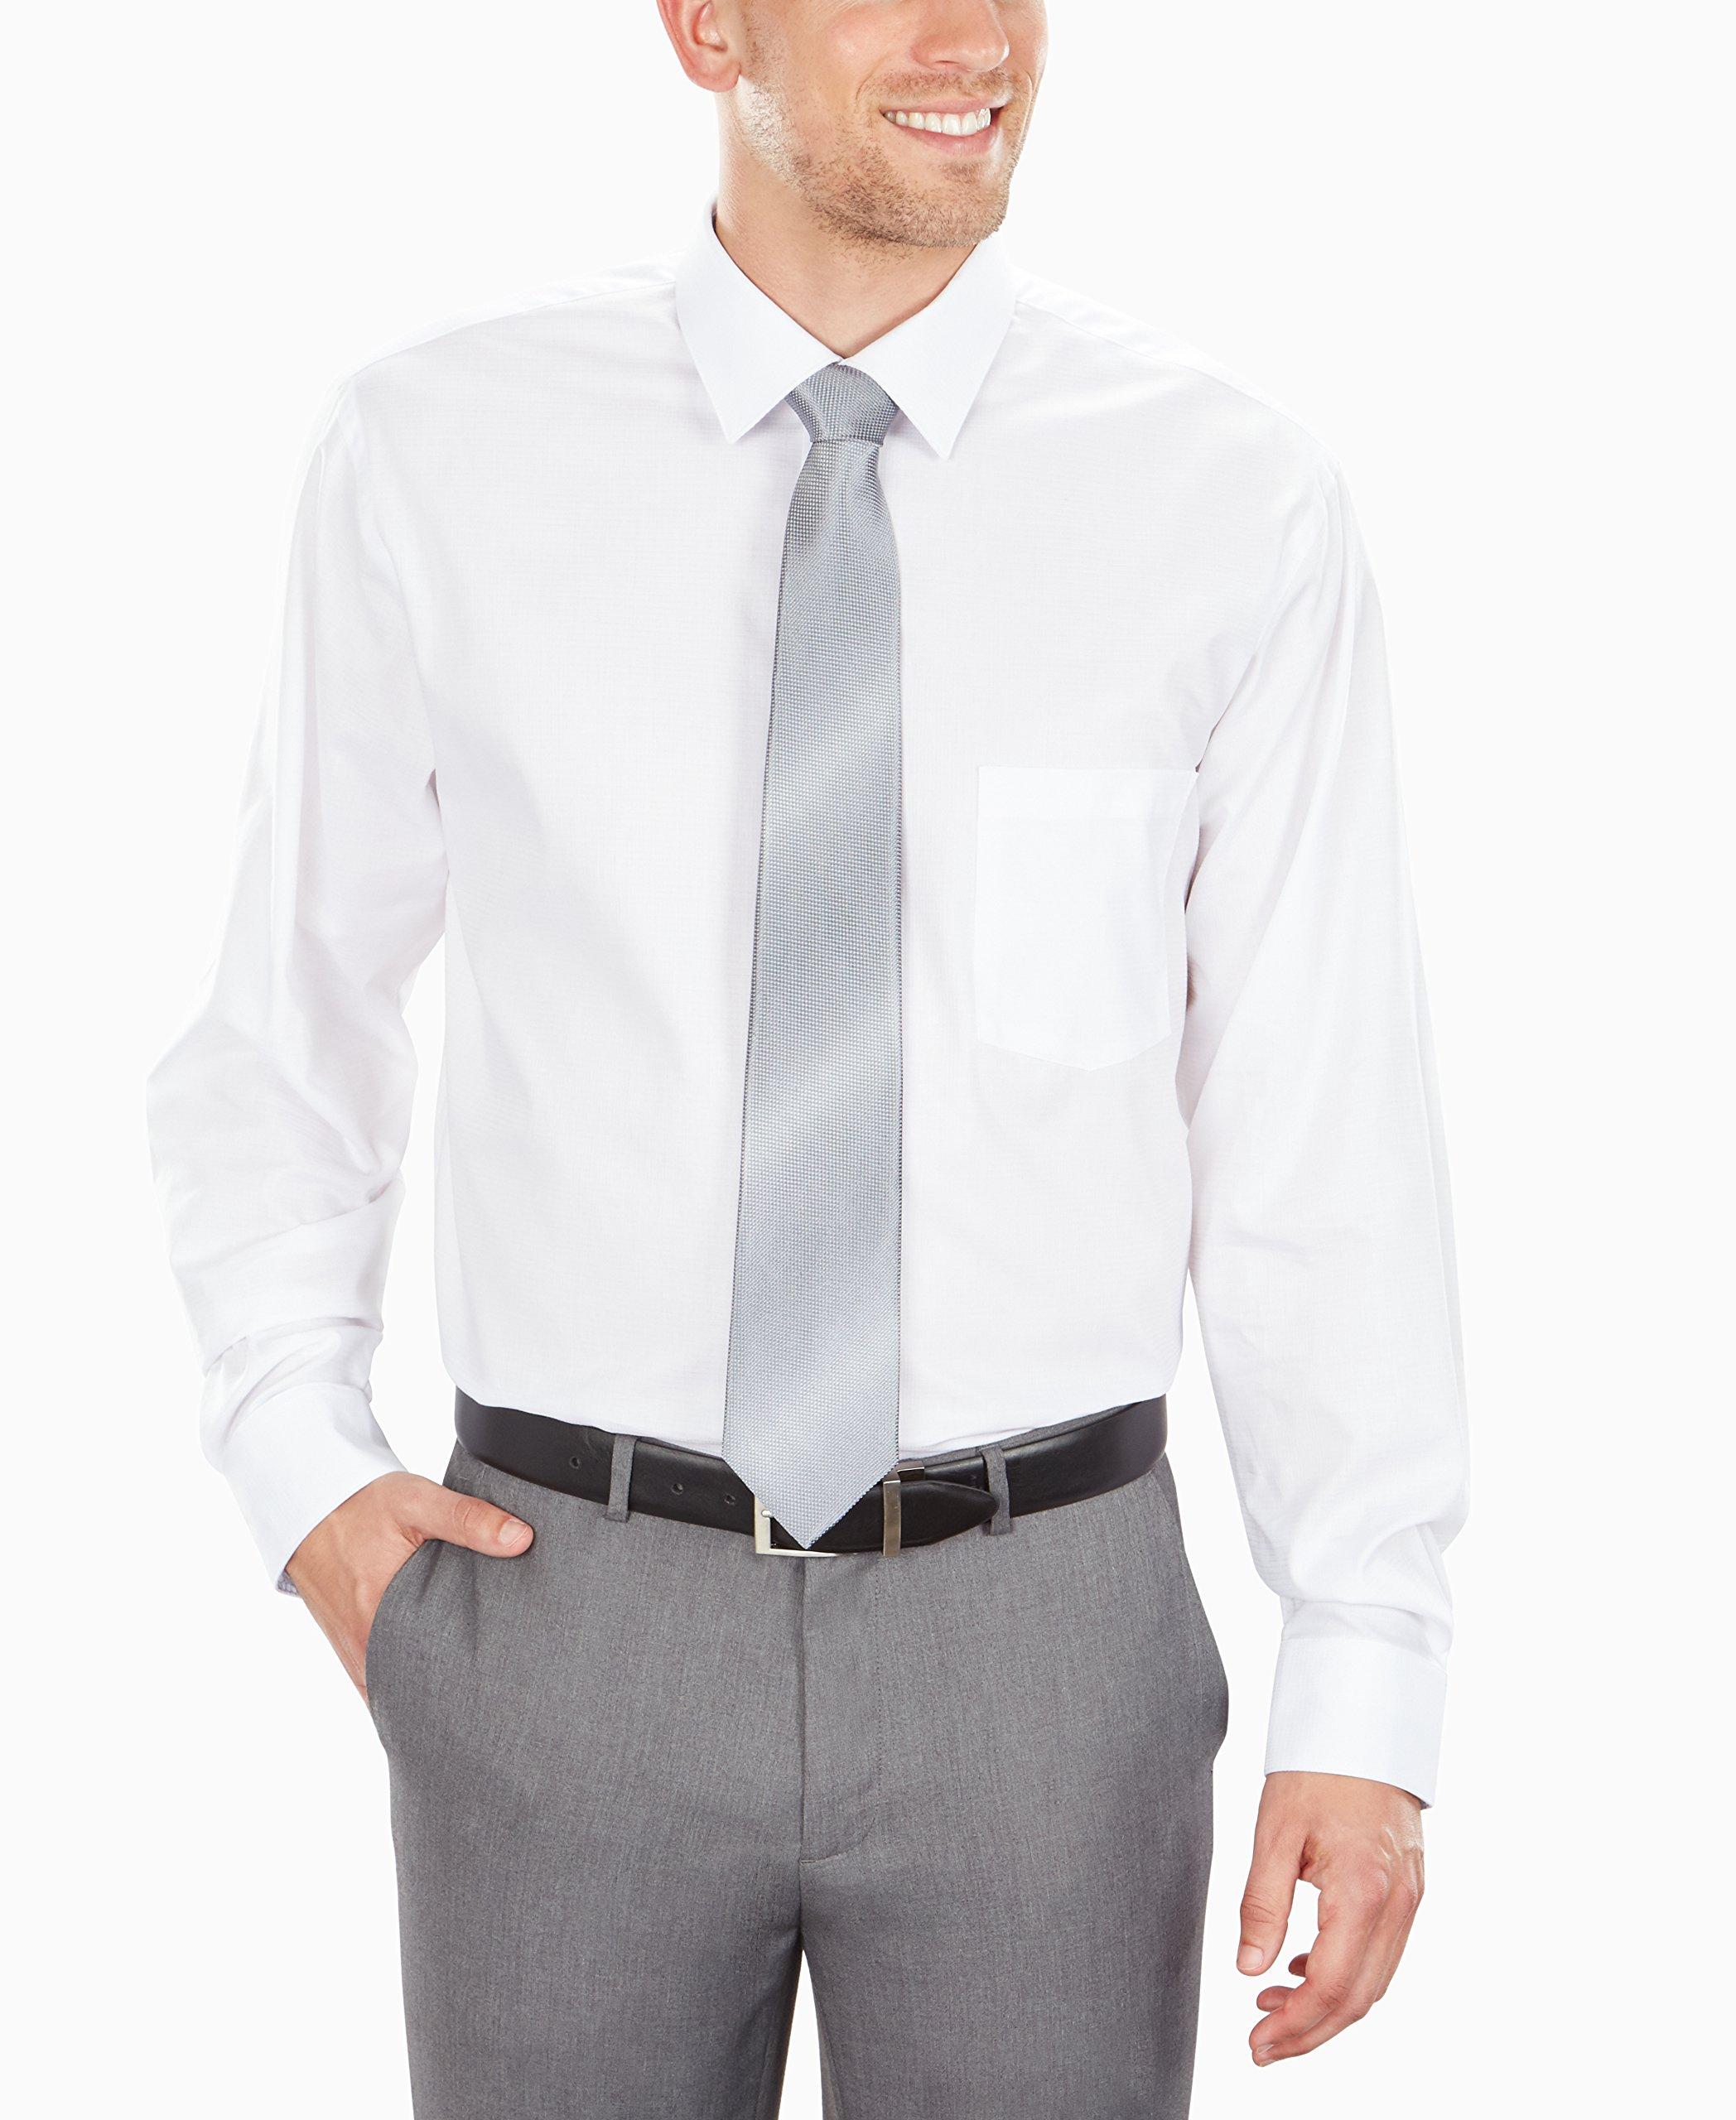 2a1a75c885a9 Van Heusen Men's Air Regular Fit Solid Spread Collar Dress Shirt, White,  17.5